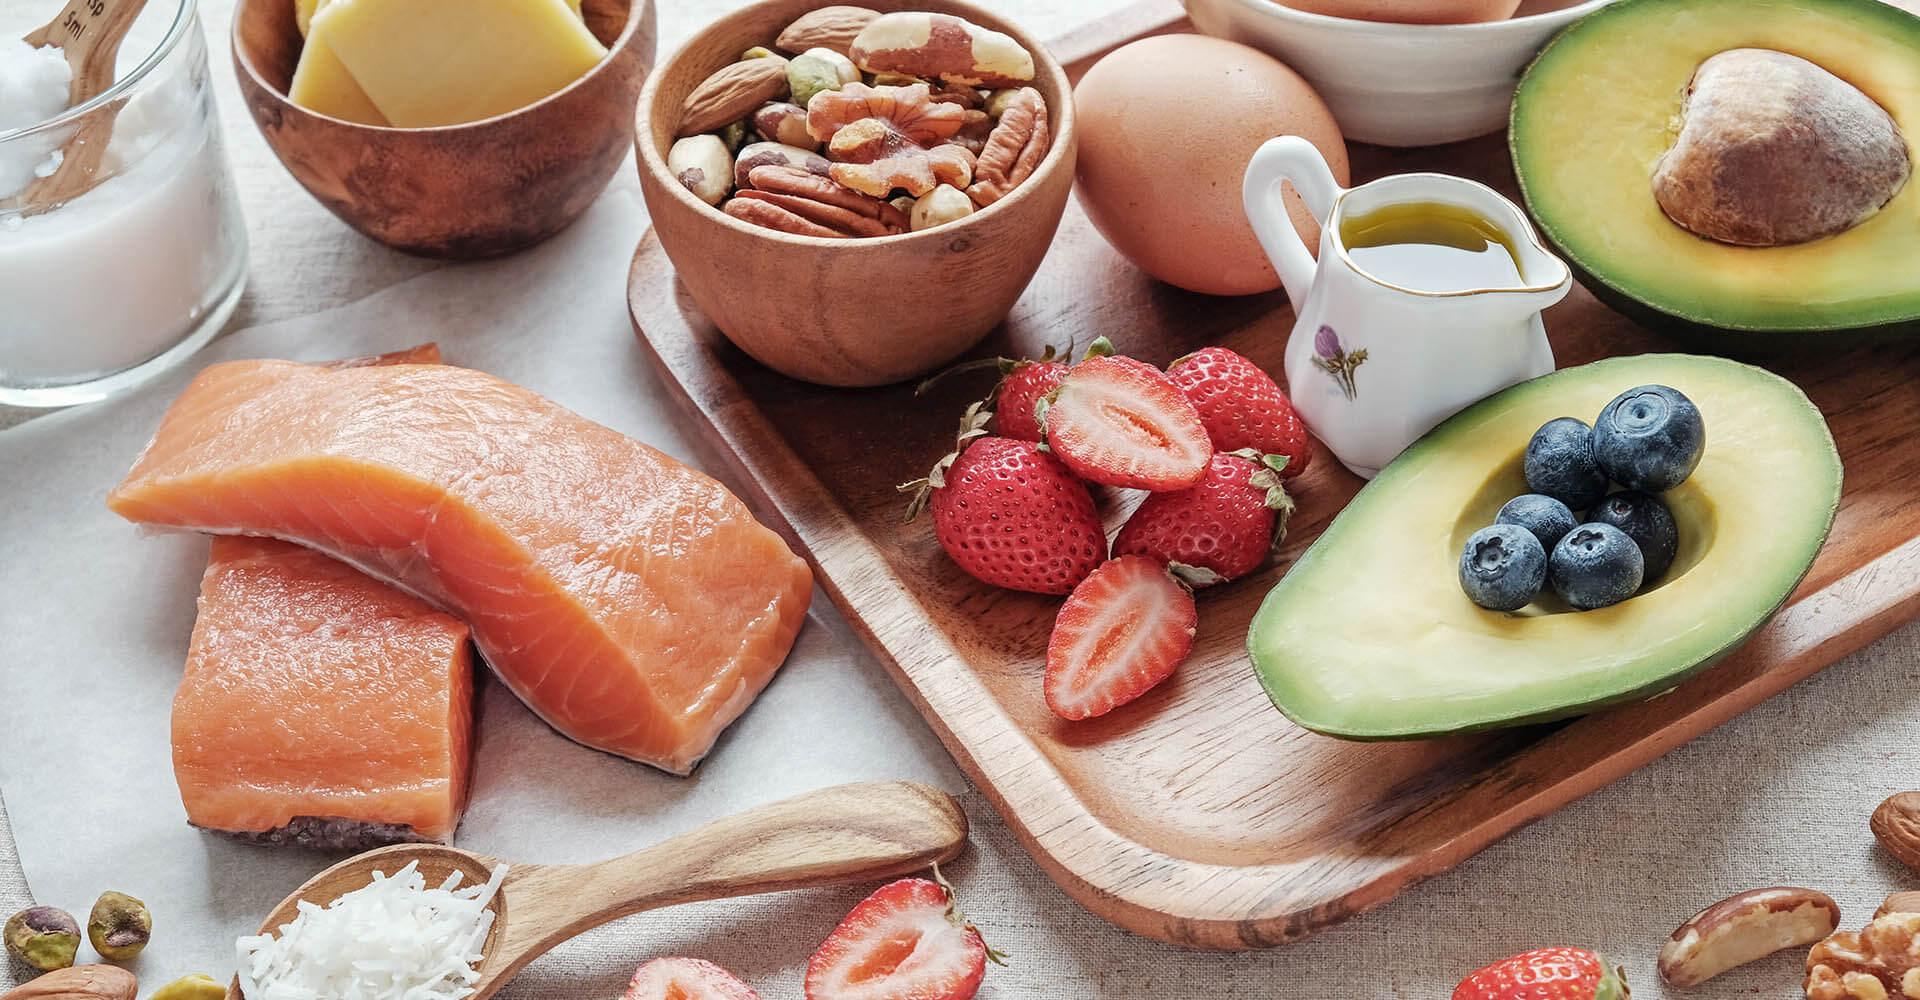 Viele klassische Bestandteile einer ketogenen Diät wie Lachs, Früchte, Nüsse und Eier